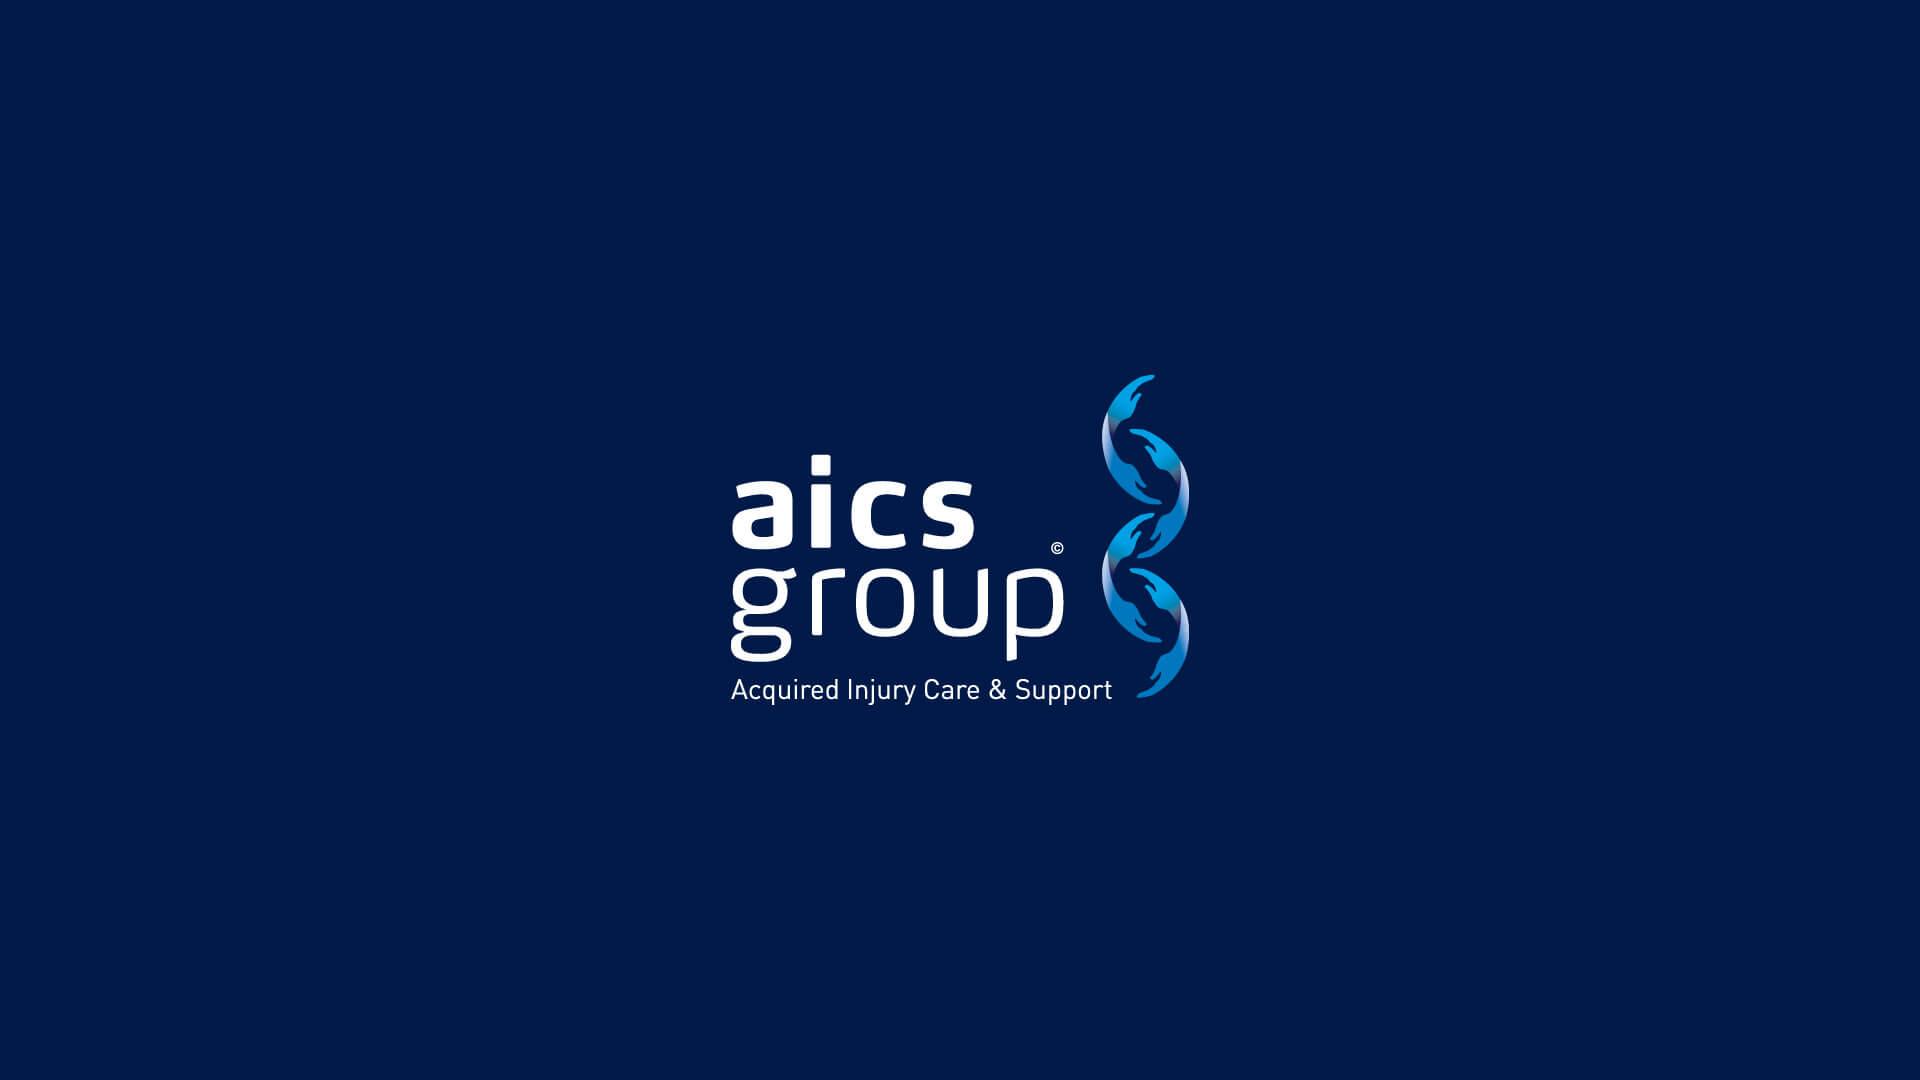 AICS_layout_04